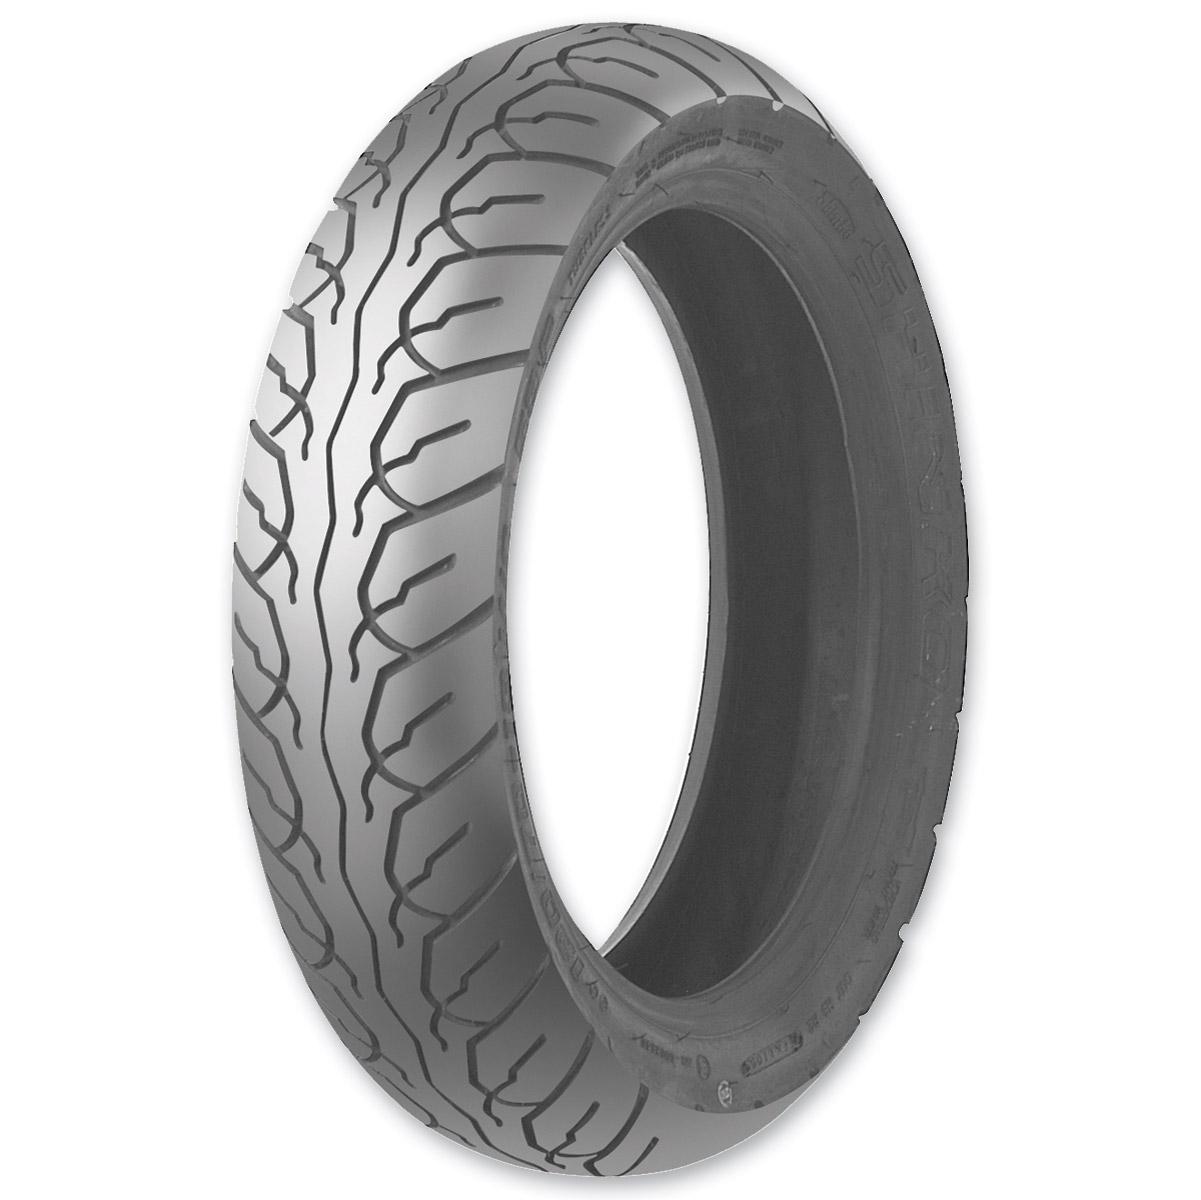 Shinko SR567 120/70-16 Front Tire